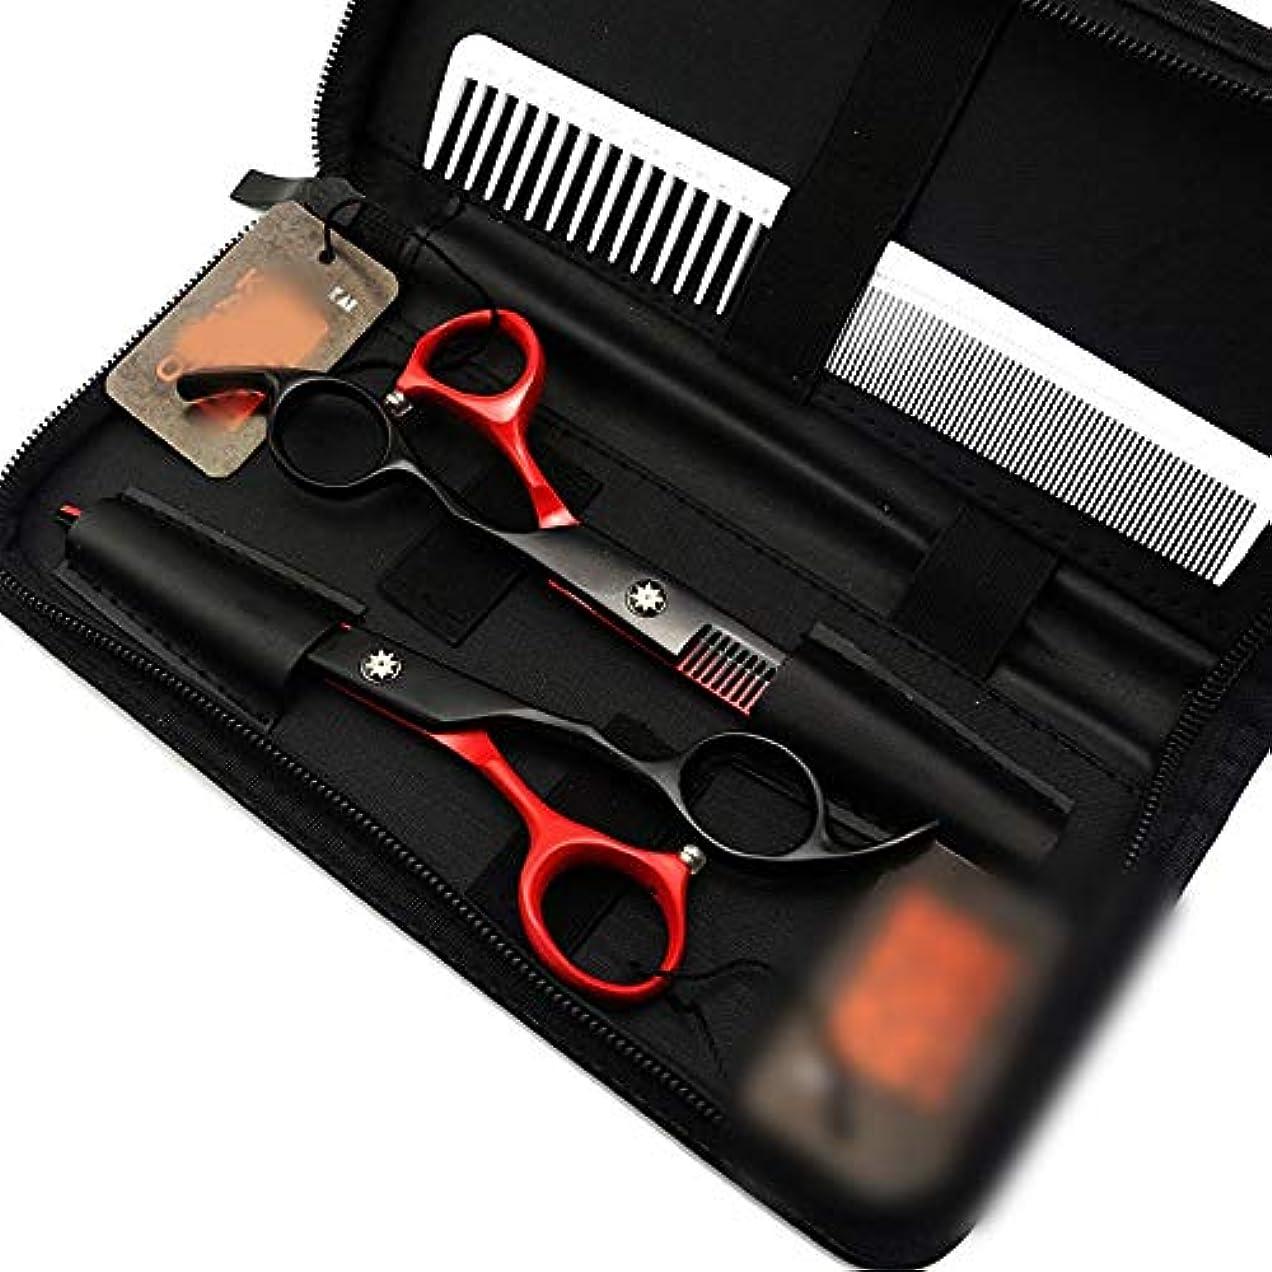 ウィザード埋め込むサージGoodsok-jp 6.0インチの黒く平らな歯のはさみセット、専門の理髪はさみ用具セット (色 : Black red)